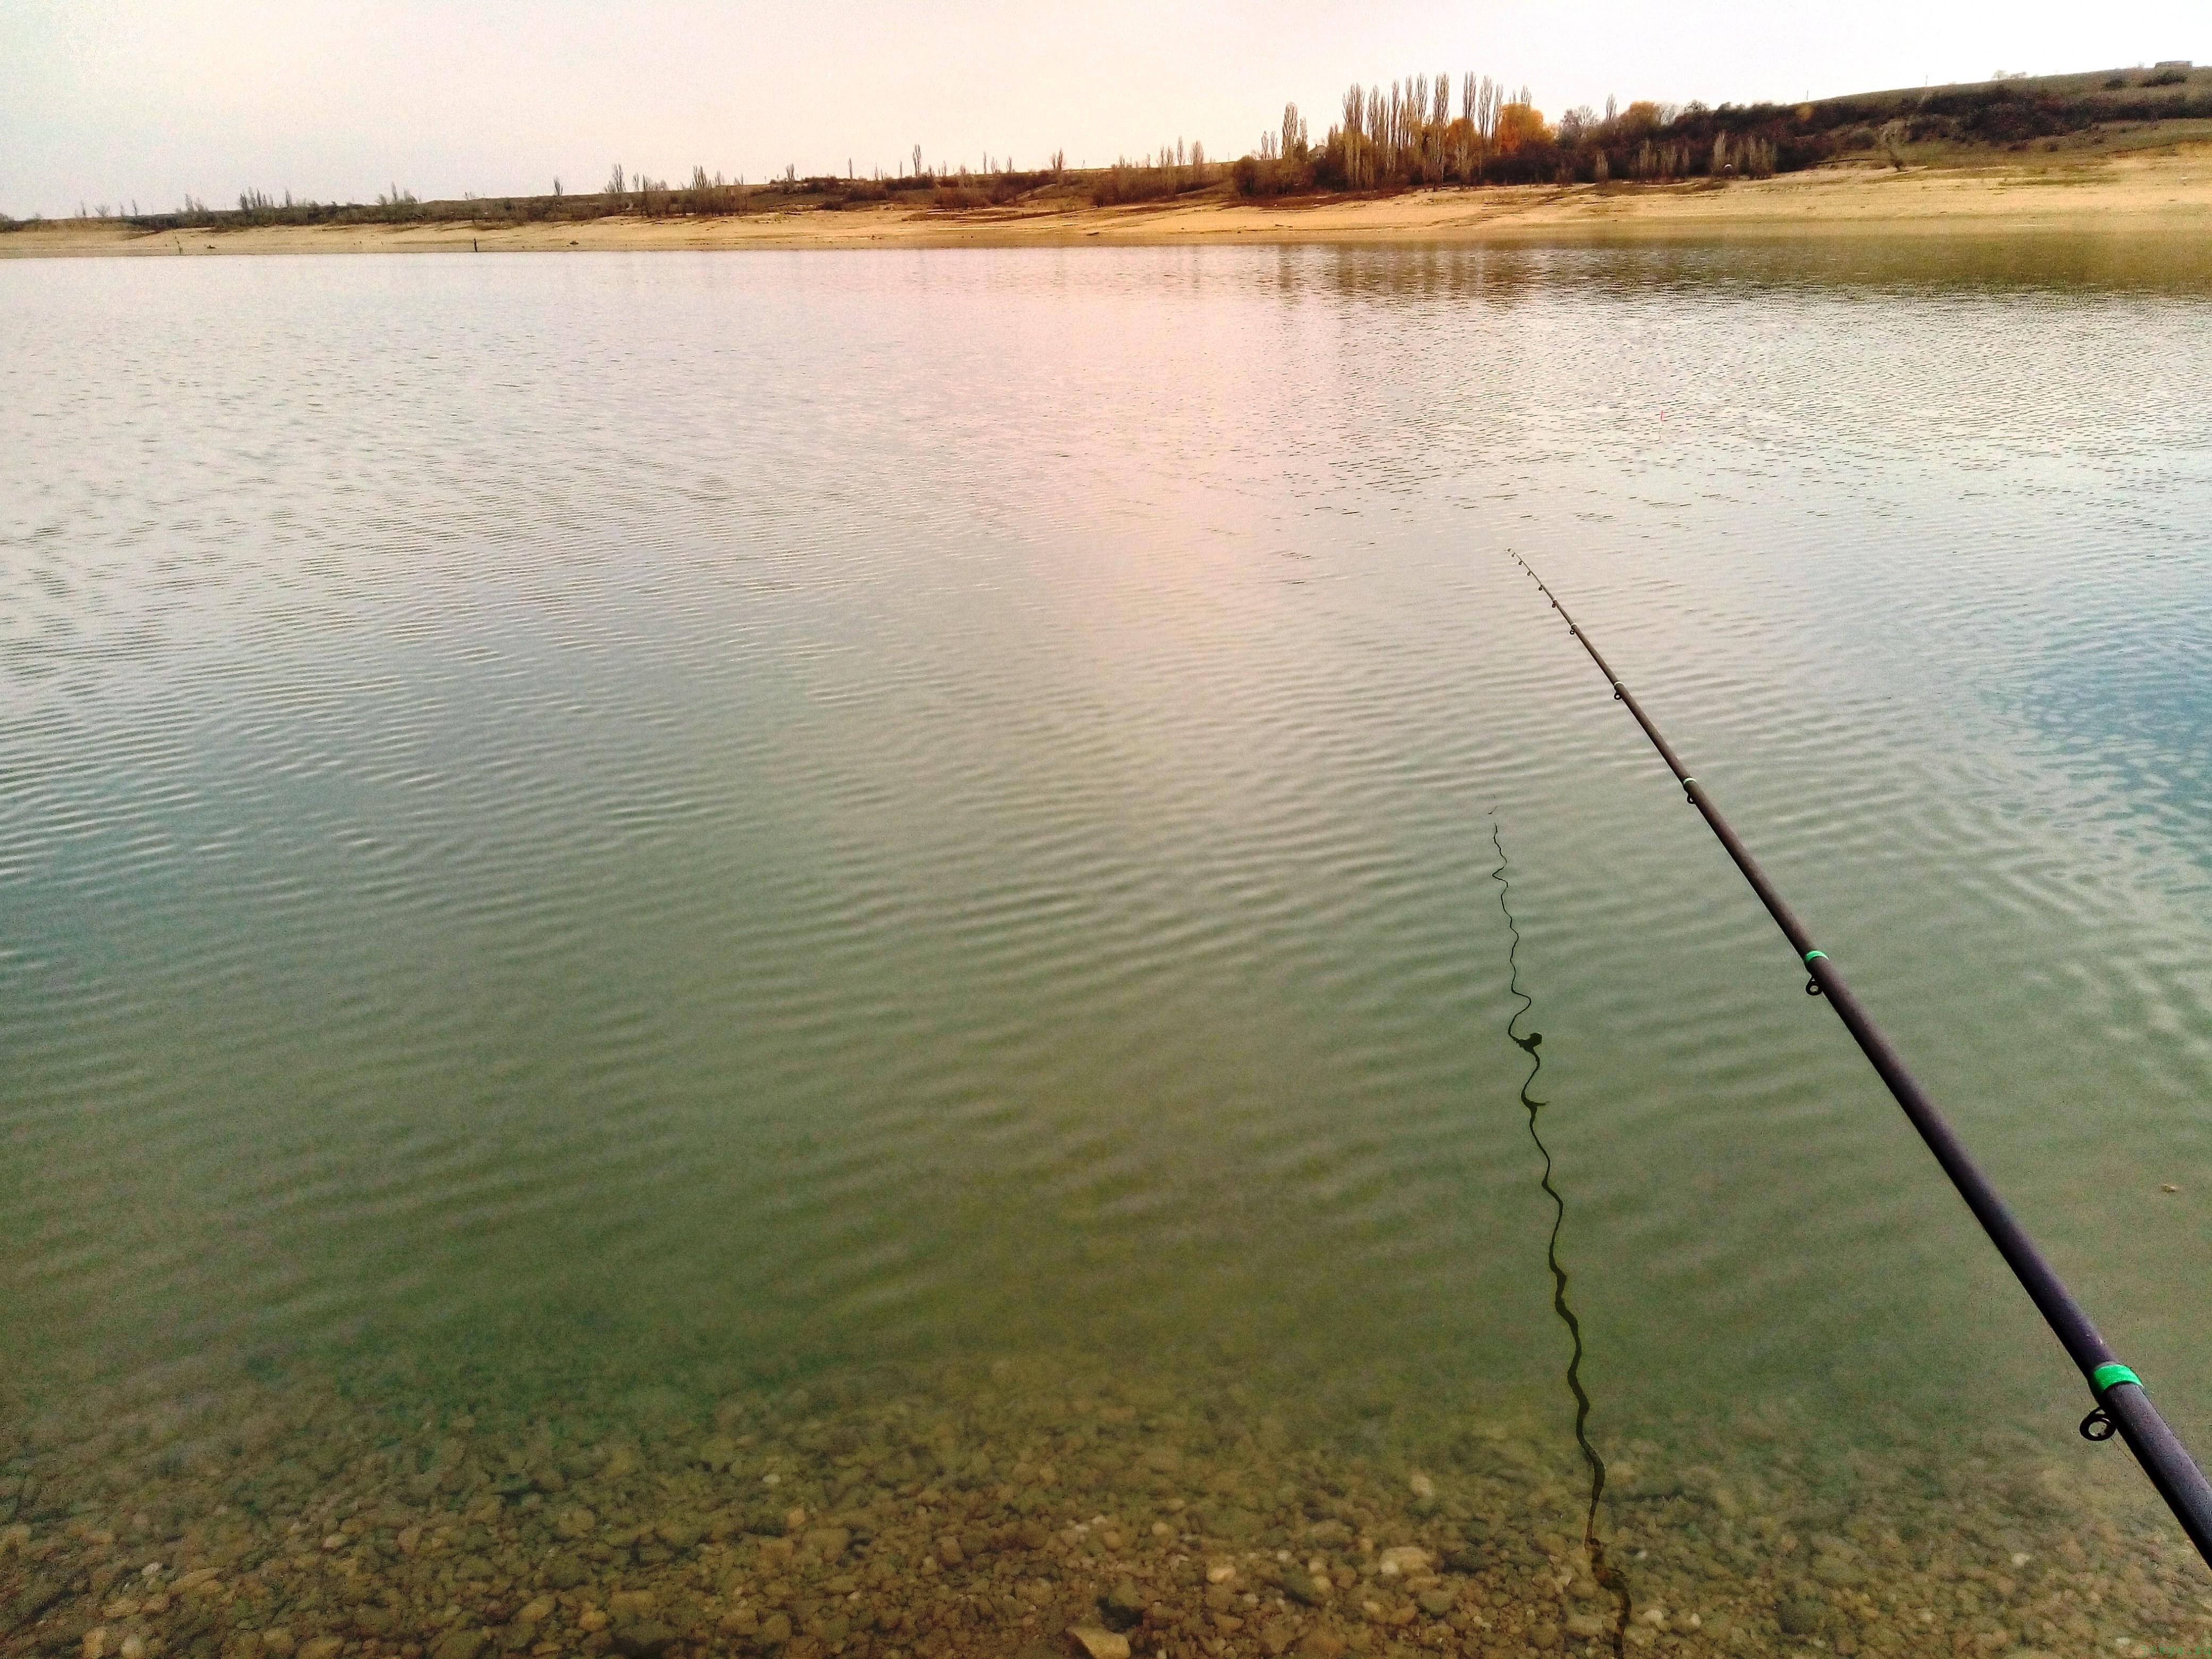 Фотоотчет осенний - Рыбалки в Крыму фото заметка из моей реальности в Крыму jokya.ru